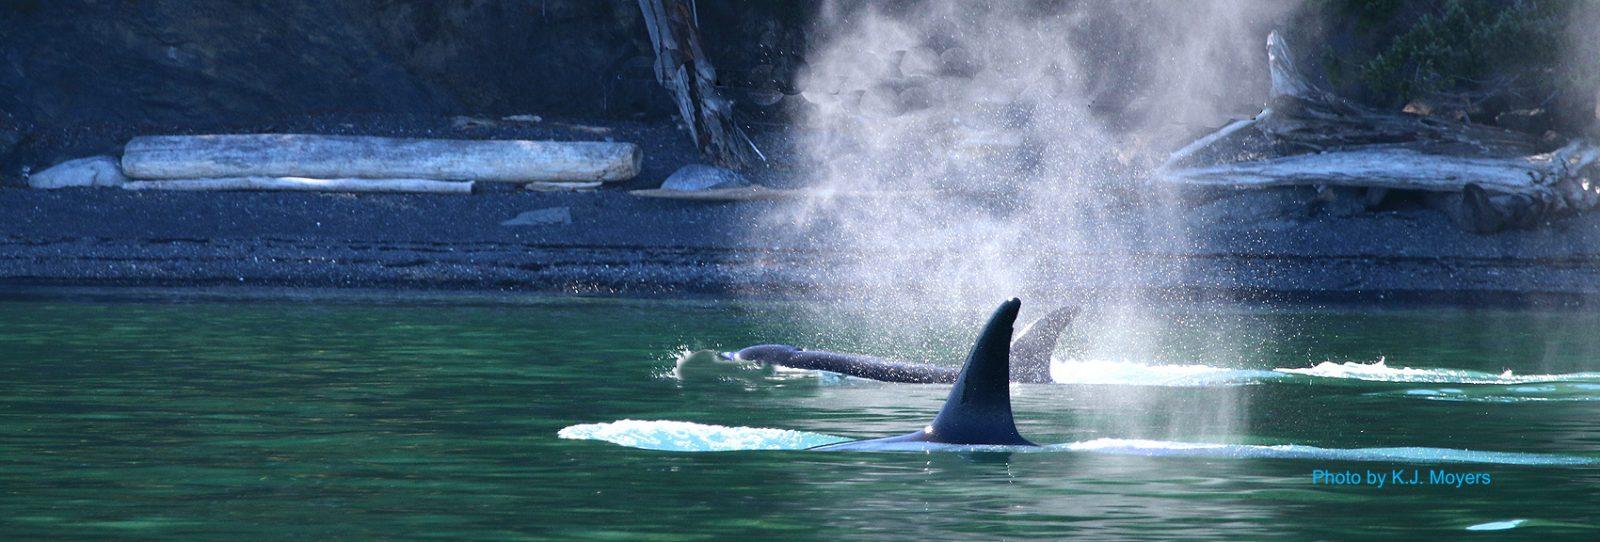 Orca Spray San Juan Islands Sailing Charters